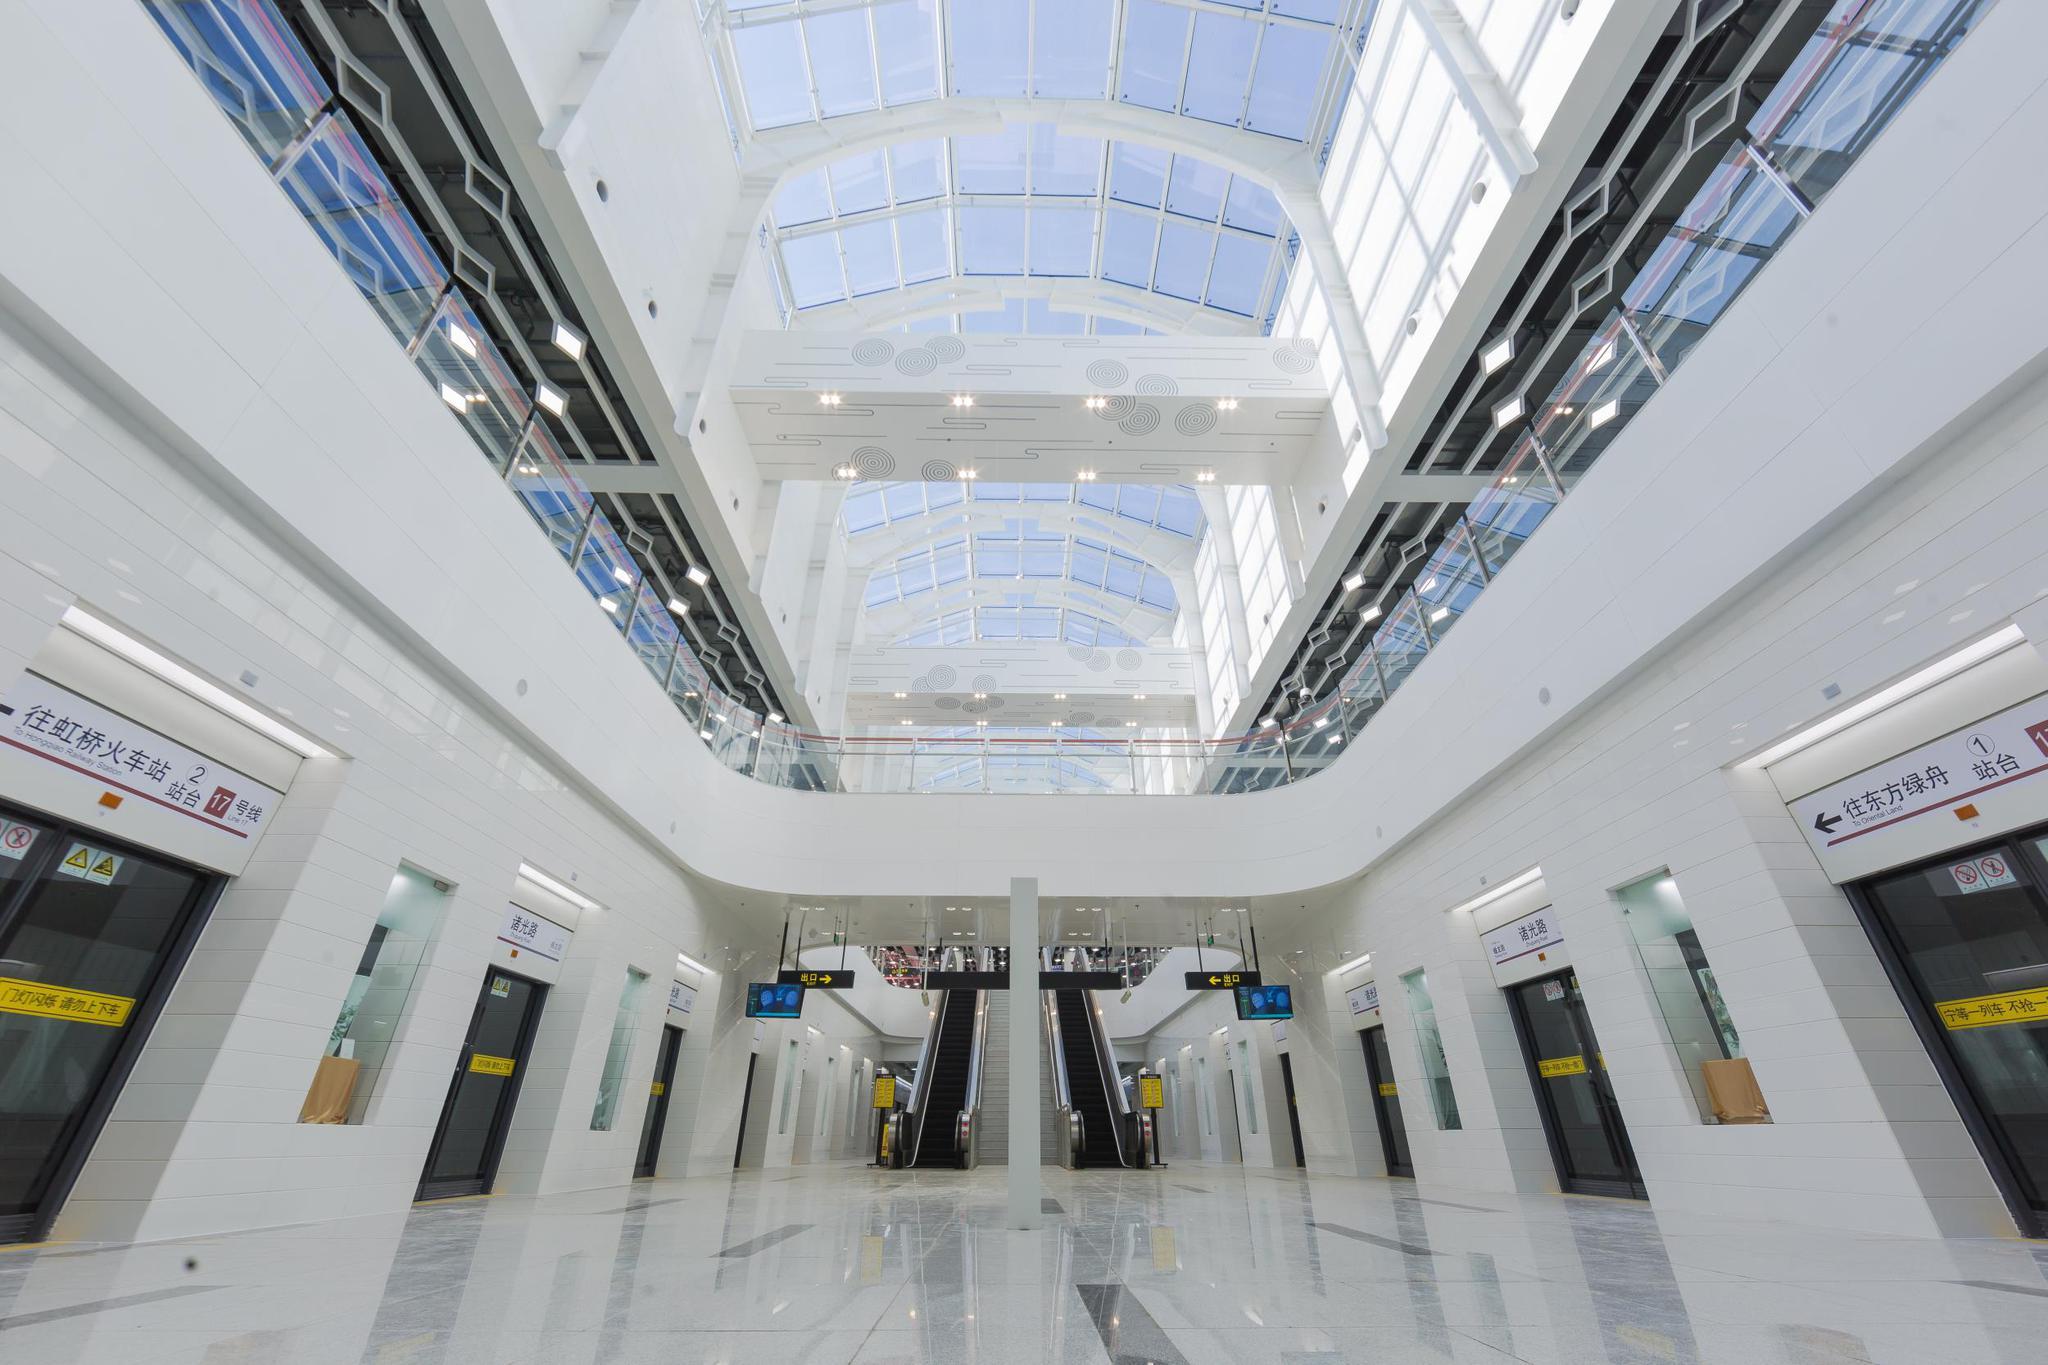 上海地铁基地的绿色发电项目,华春莹也点赞,还有这些新技术亮相